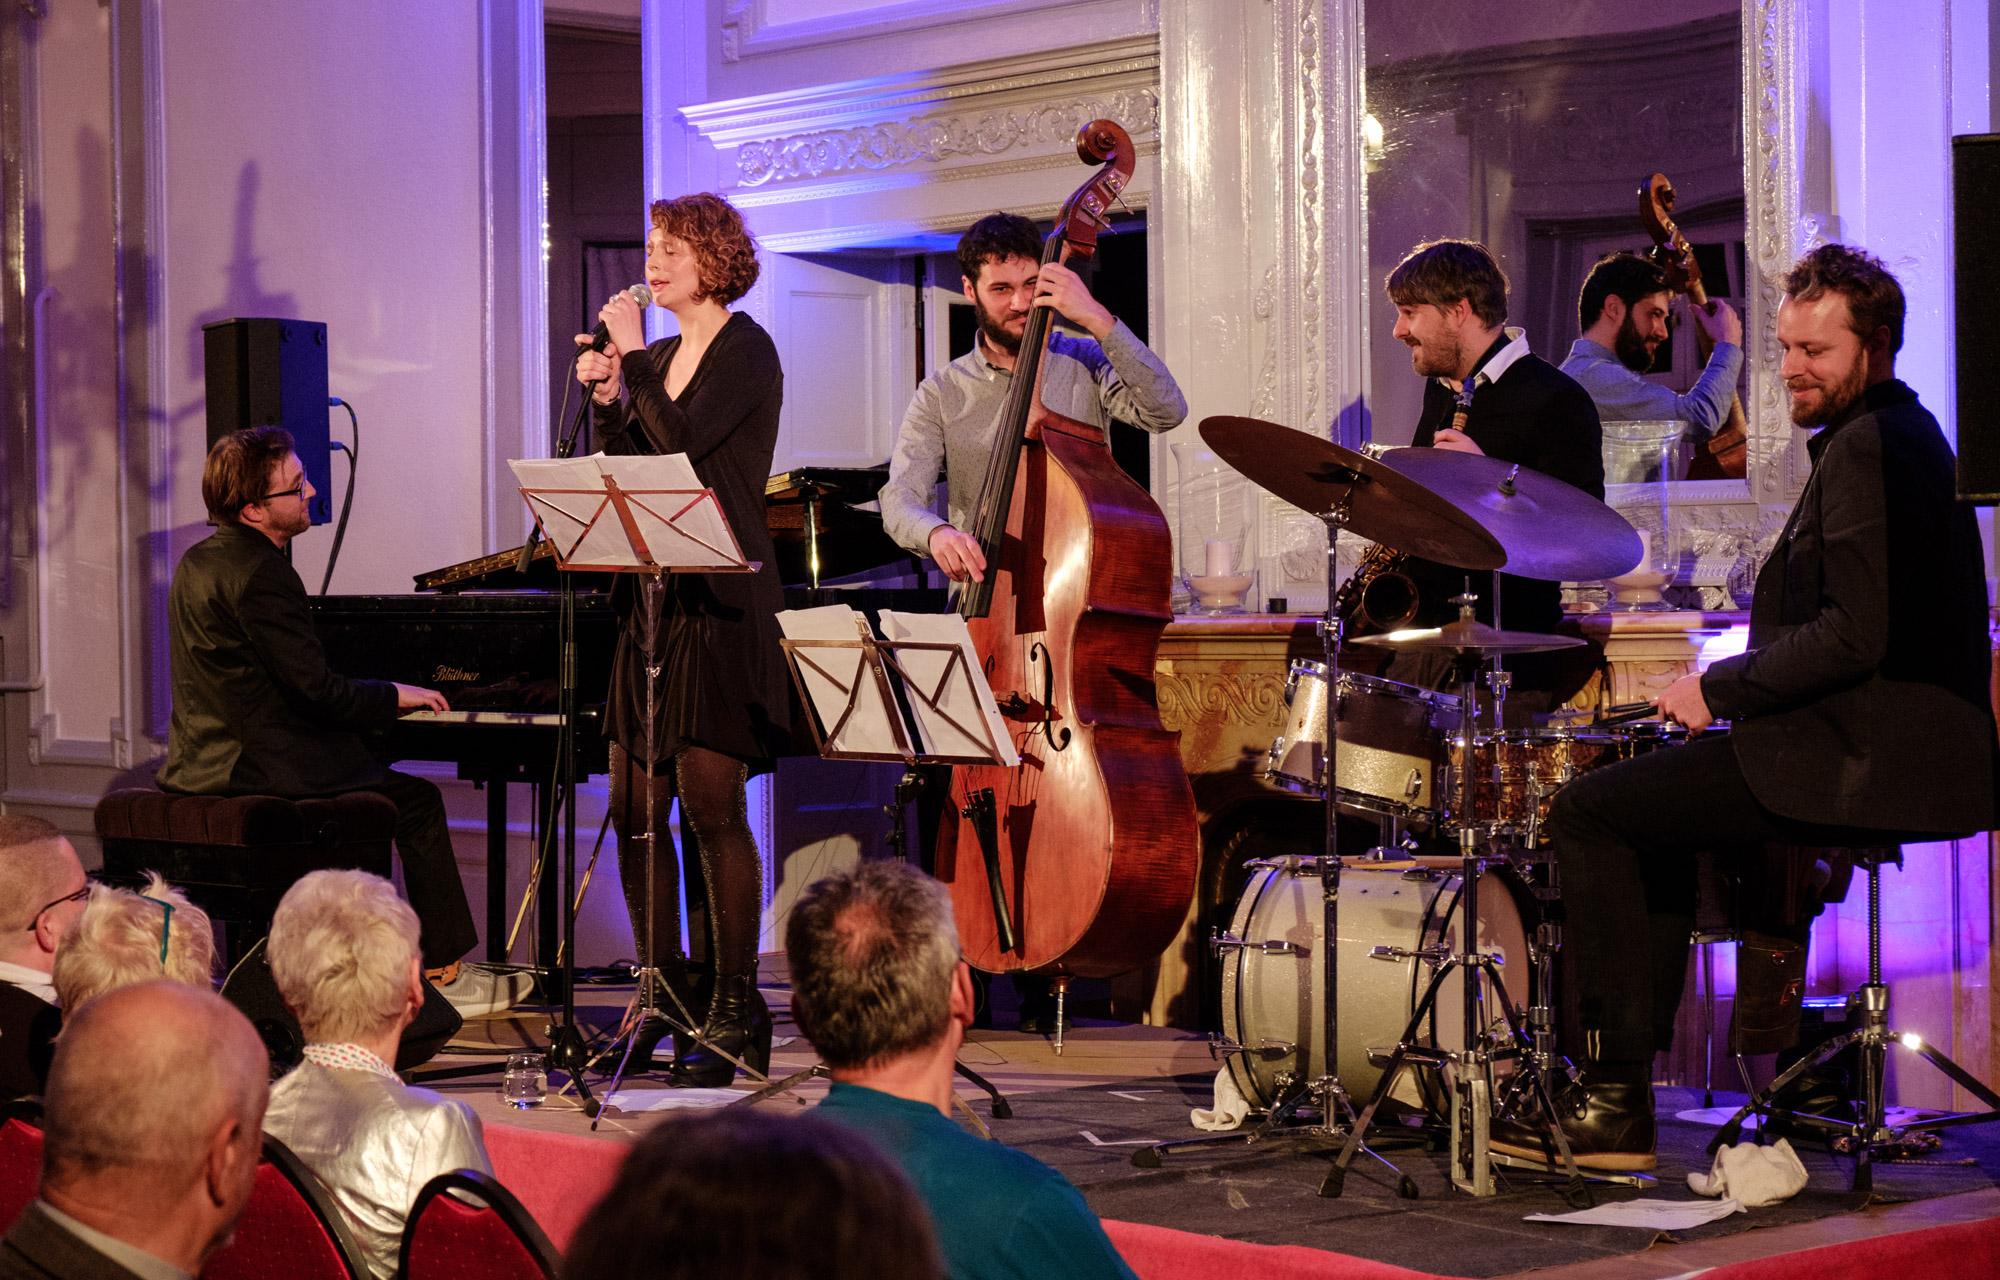 Anna Maria Sturm At Women In Jazz Ruediger Schestagde